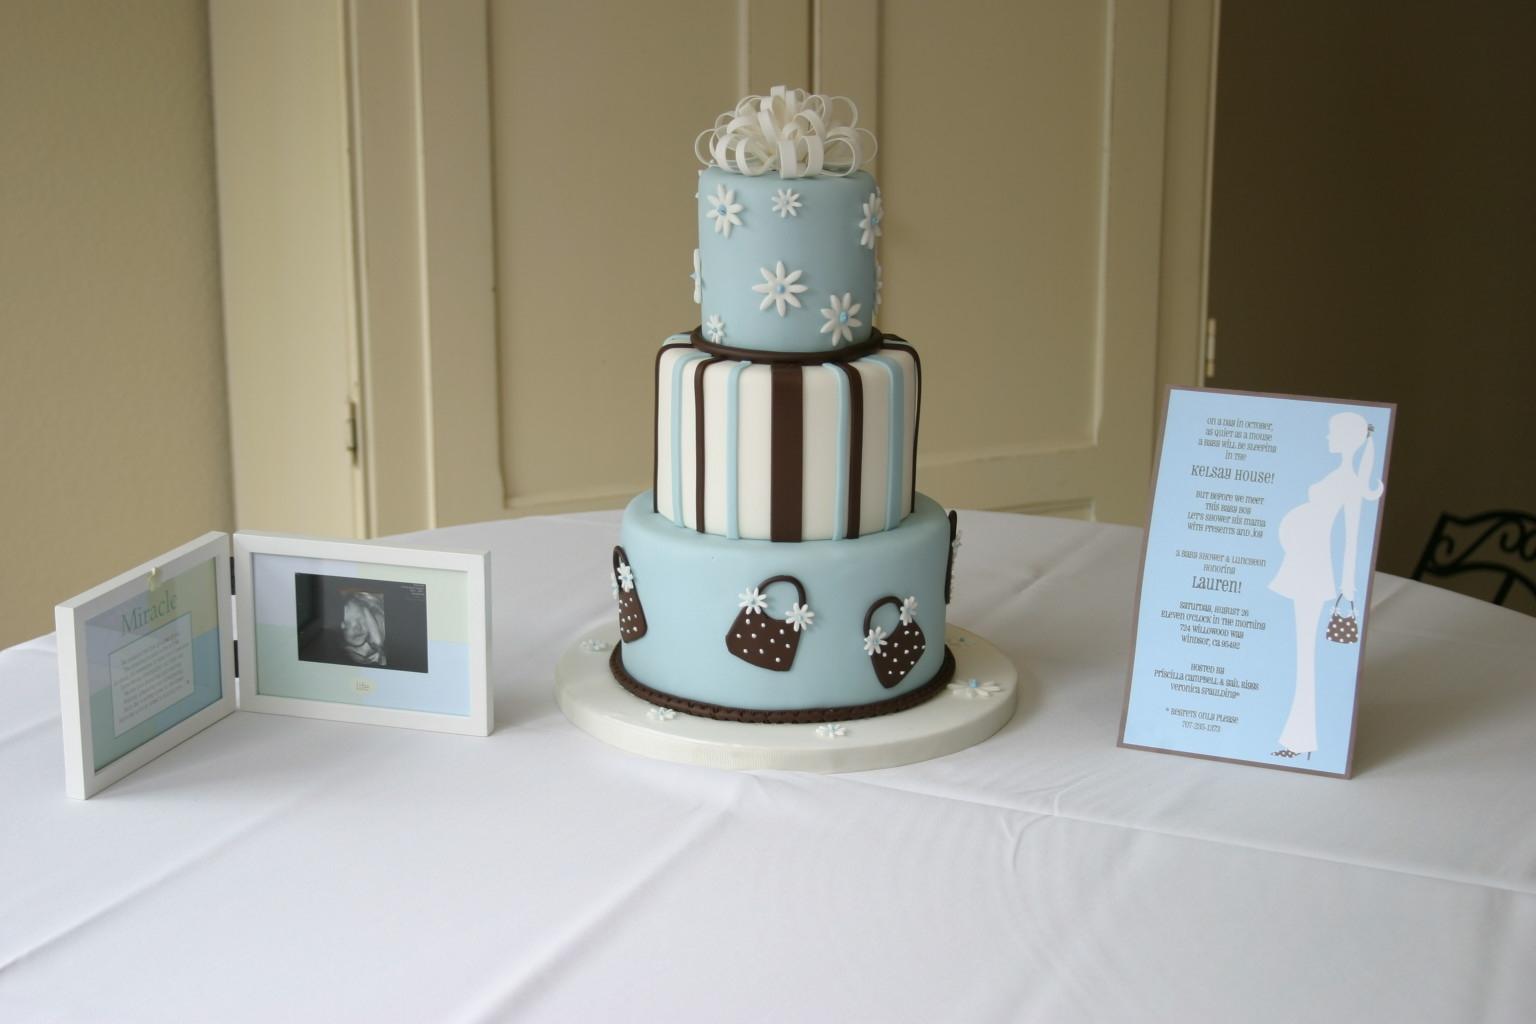 Cutie Baby Shower Cake.JPG